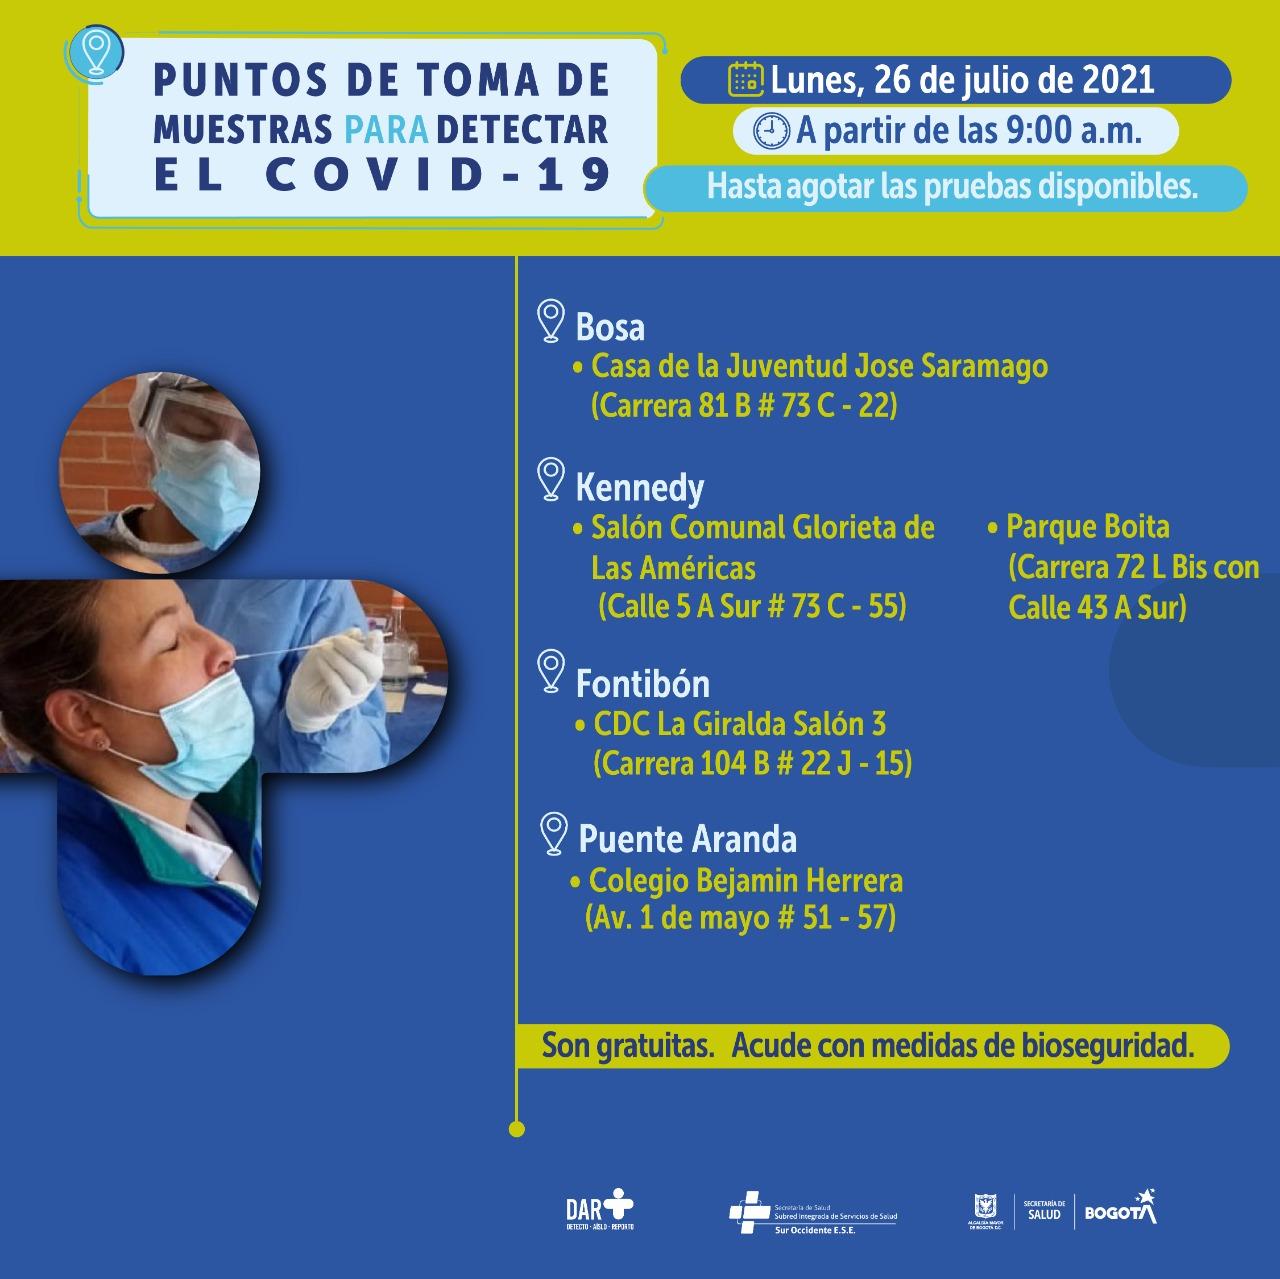 Despliegan puntos de pruebas rápidas Covid en toda Bogotá